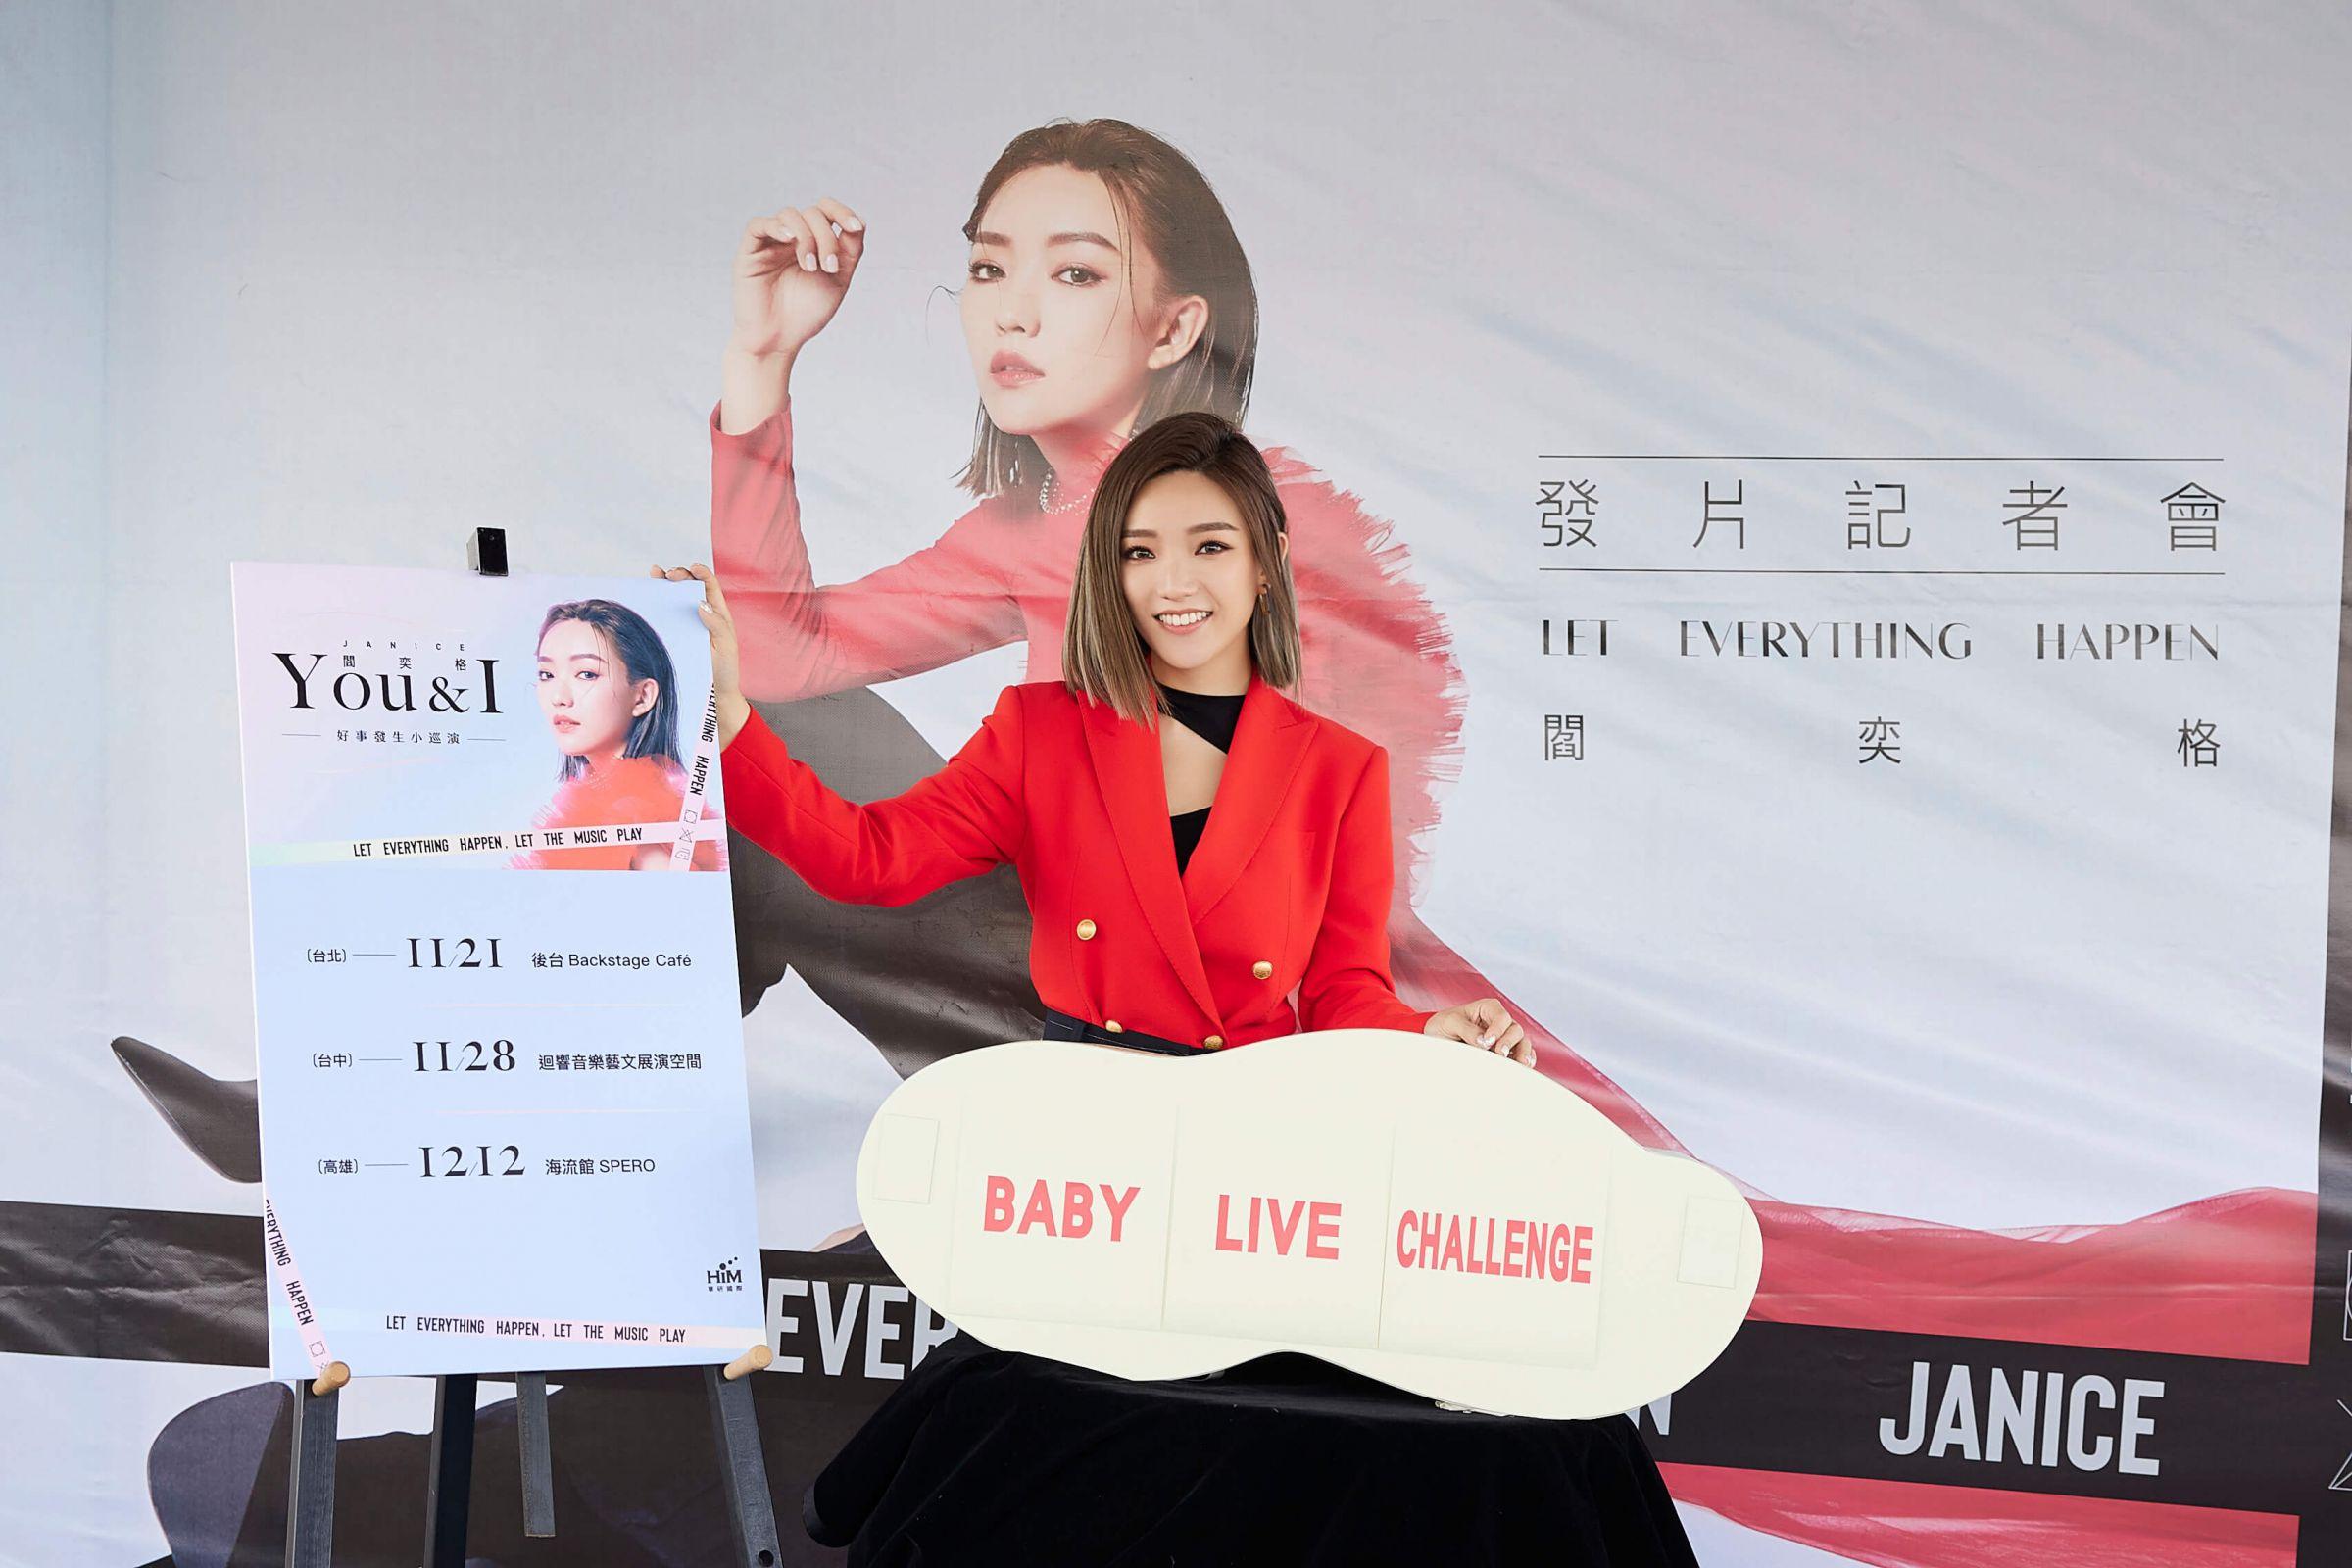 閻奕格「新專輯終問世」 現場合唱陳昊森超驚喜!